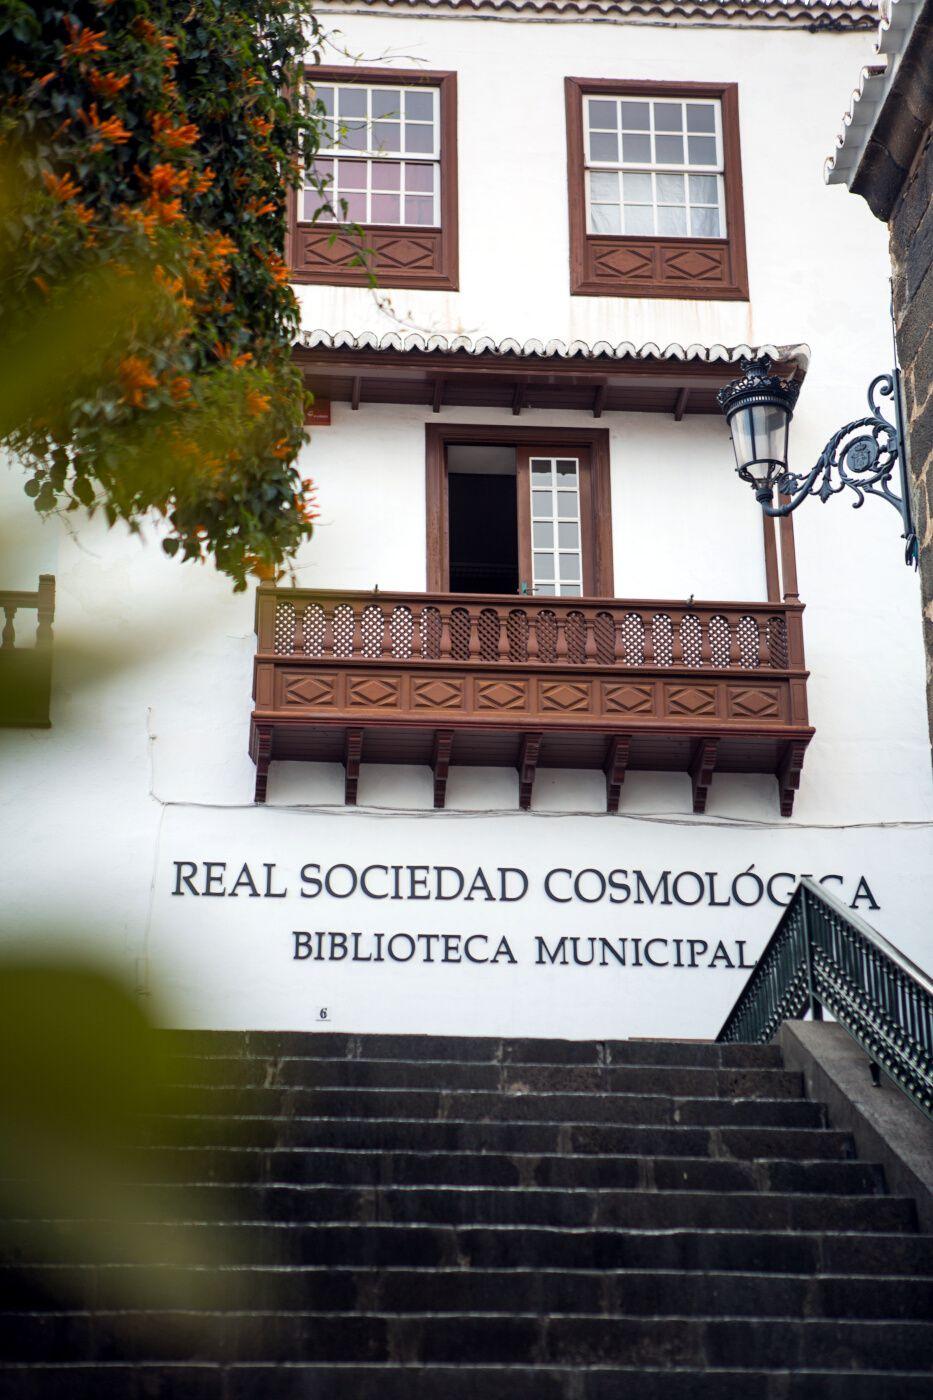 Real Sociedad Cosmológica, Santa Cruz de La Palma